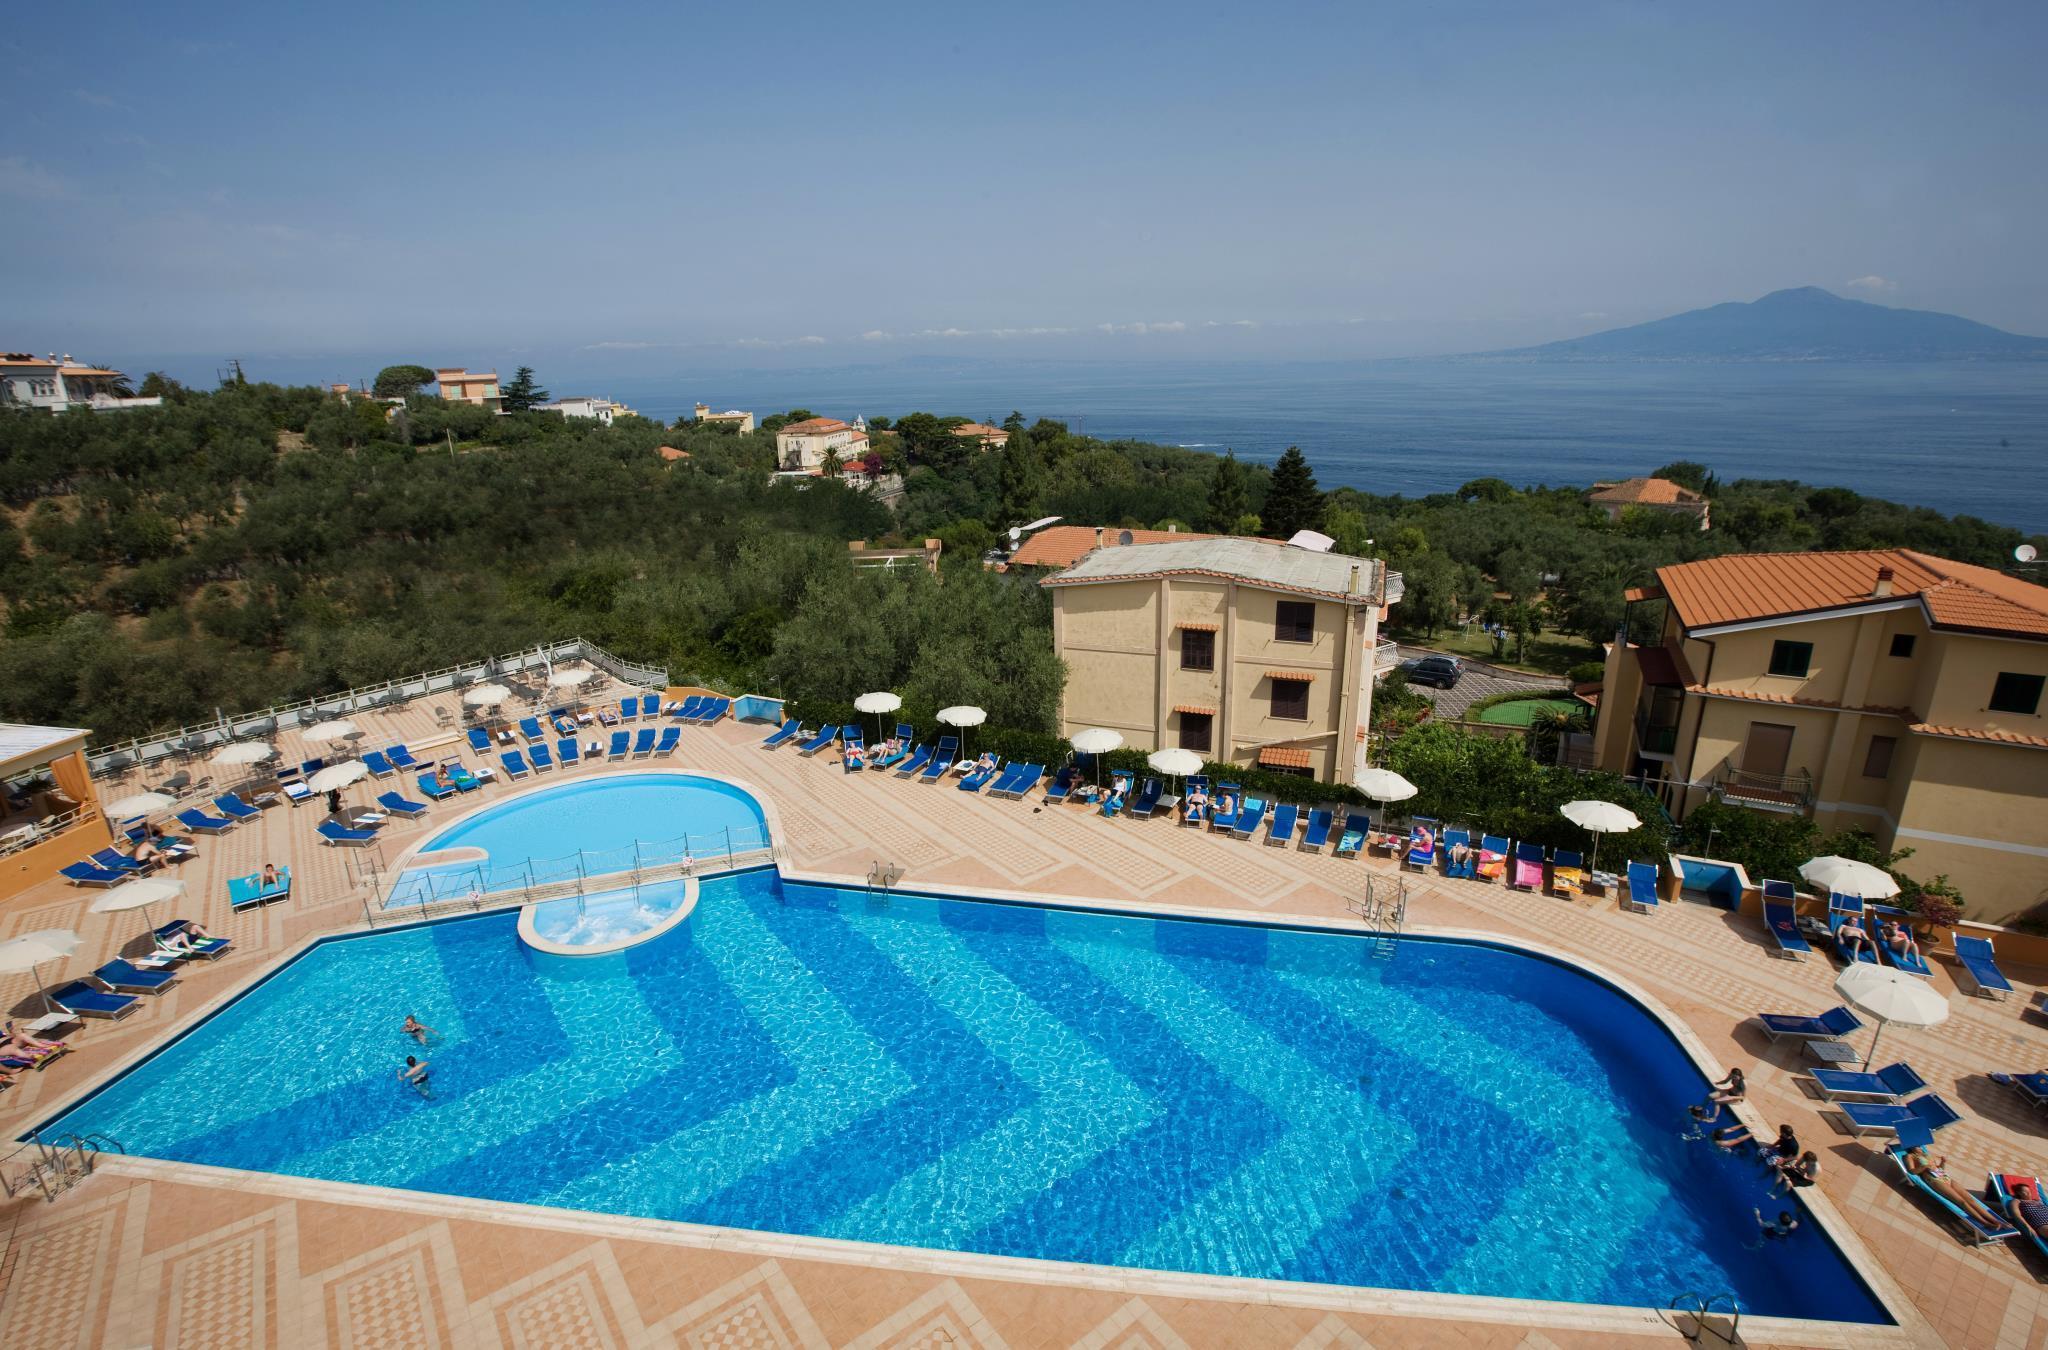 Hotel Grand Vesuvio